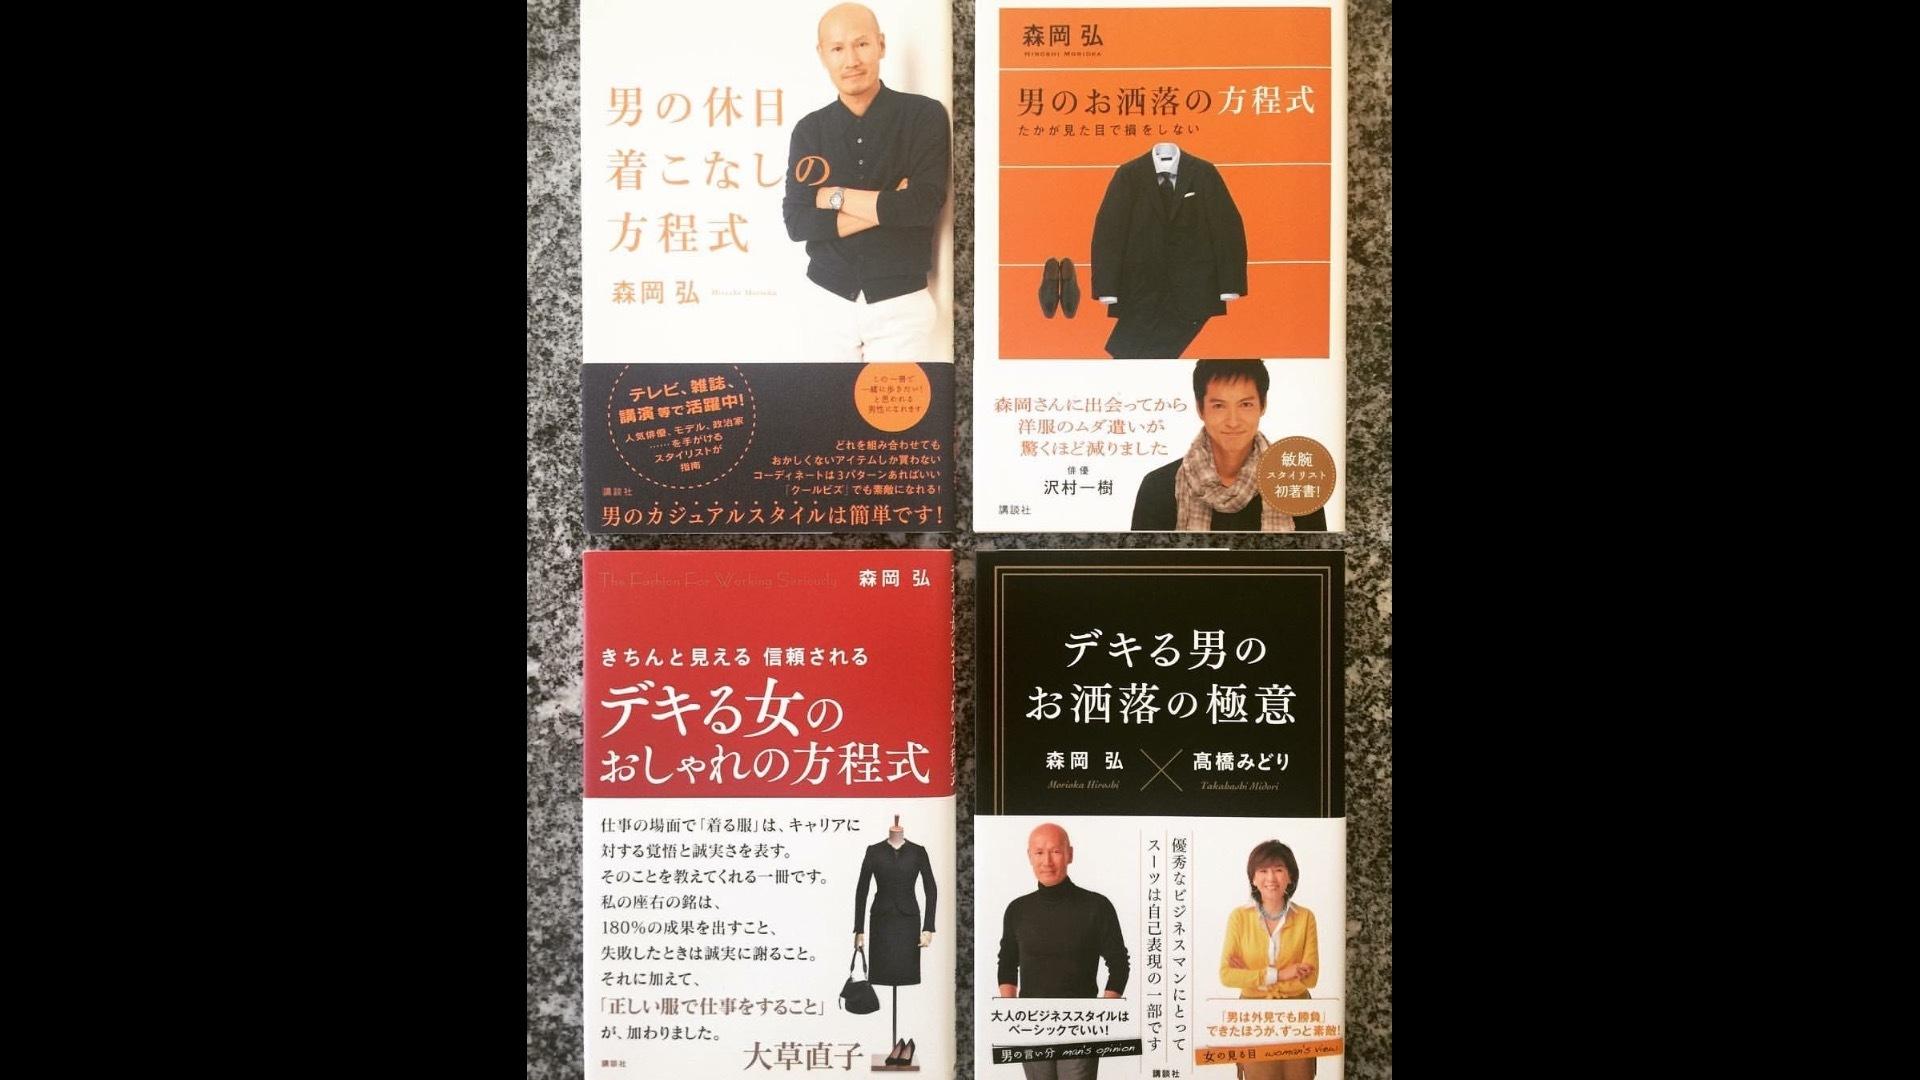 ファッションディレクター:森岡 弘